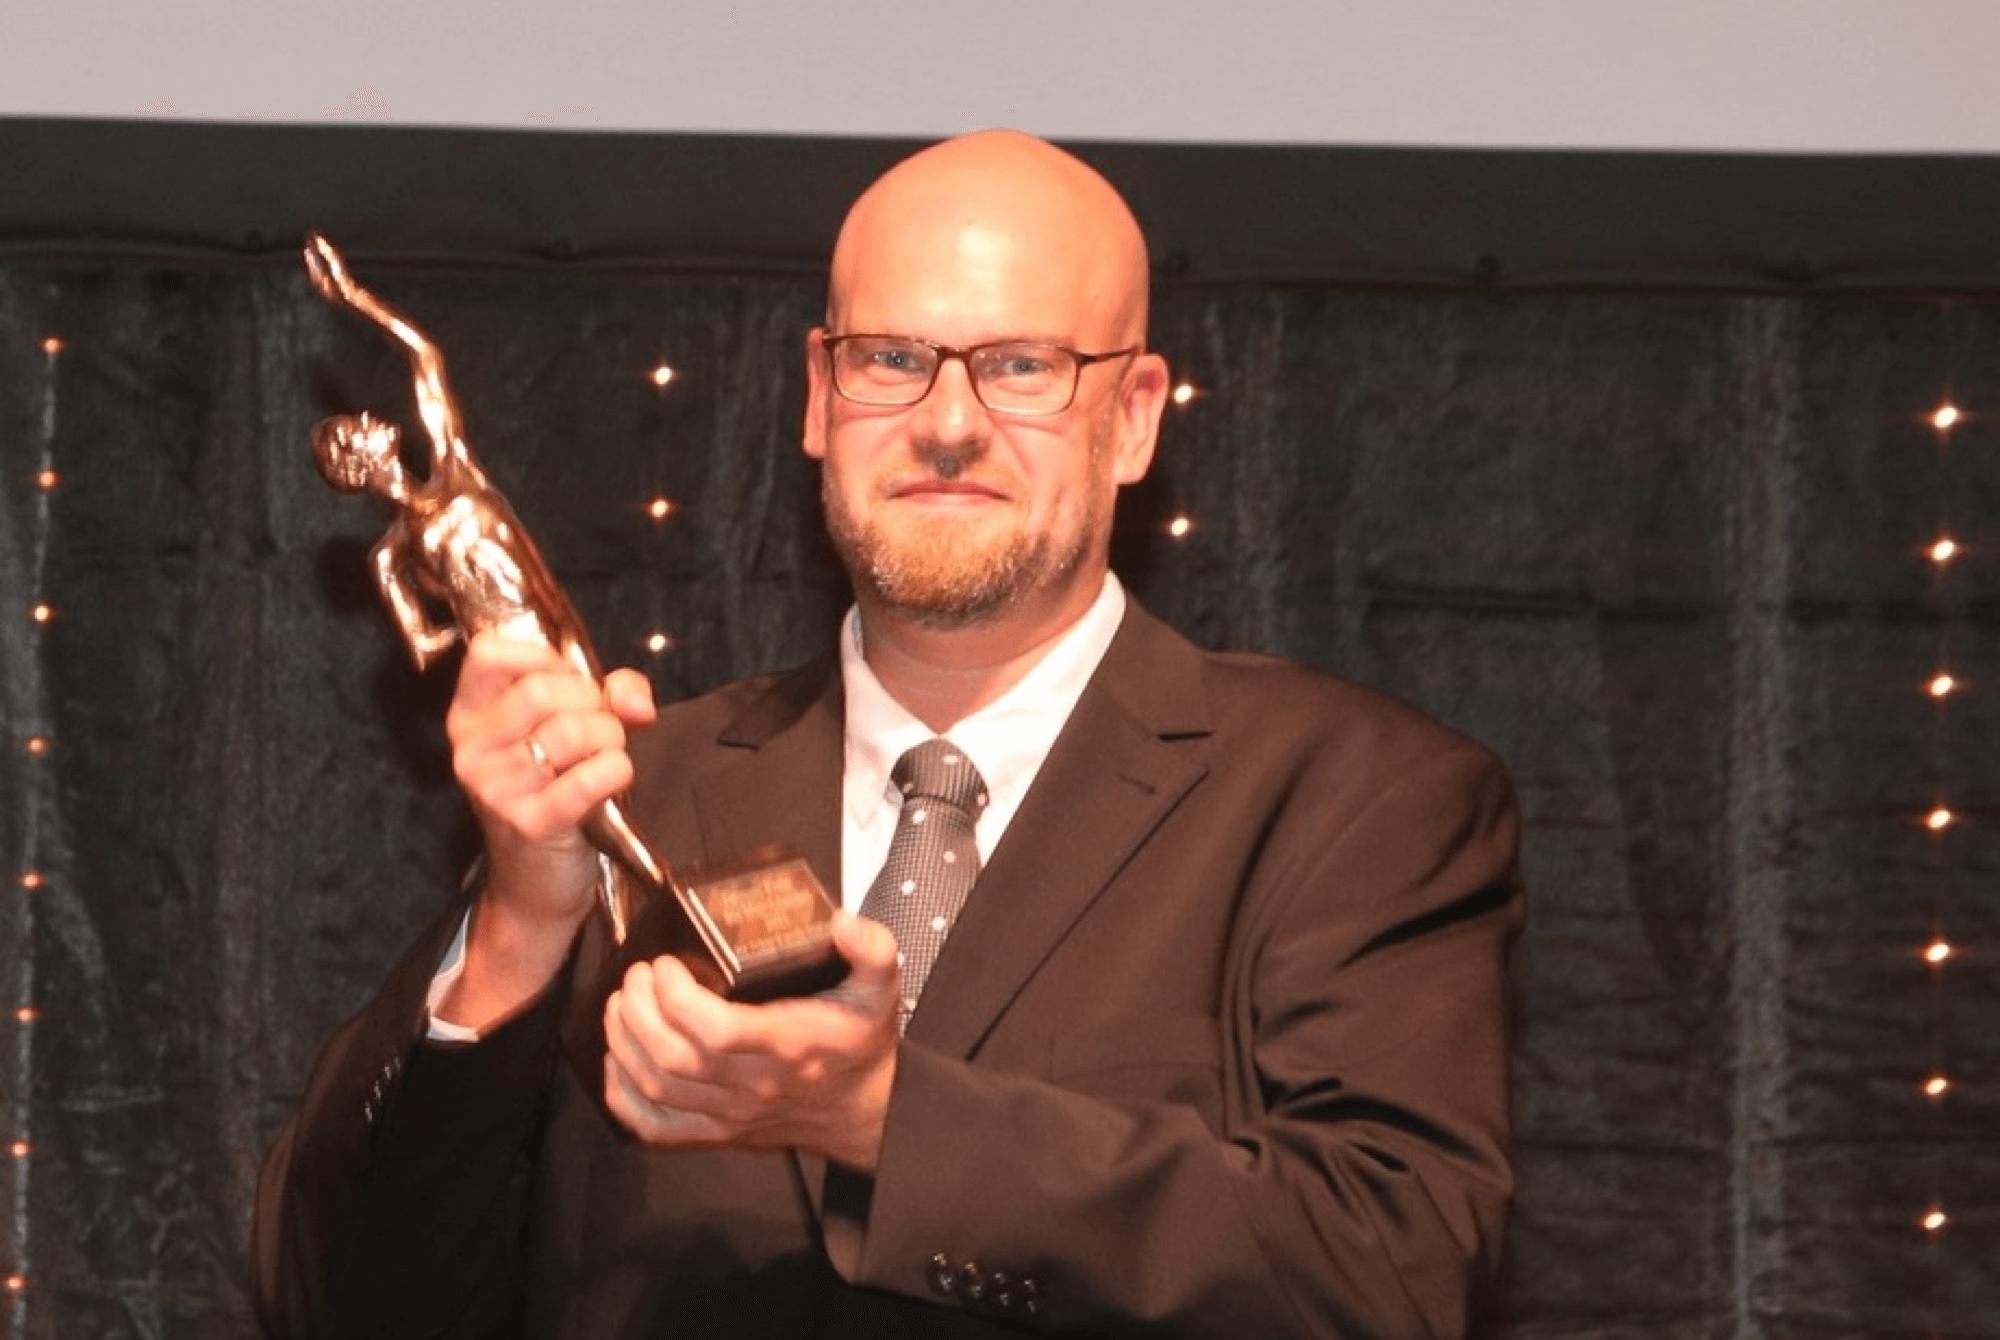 Deutsche Yachten member wins prestigous award